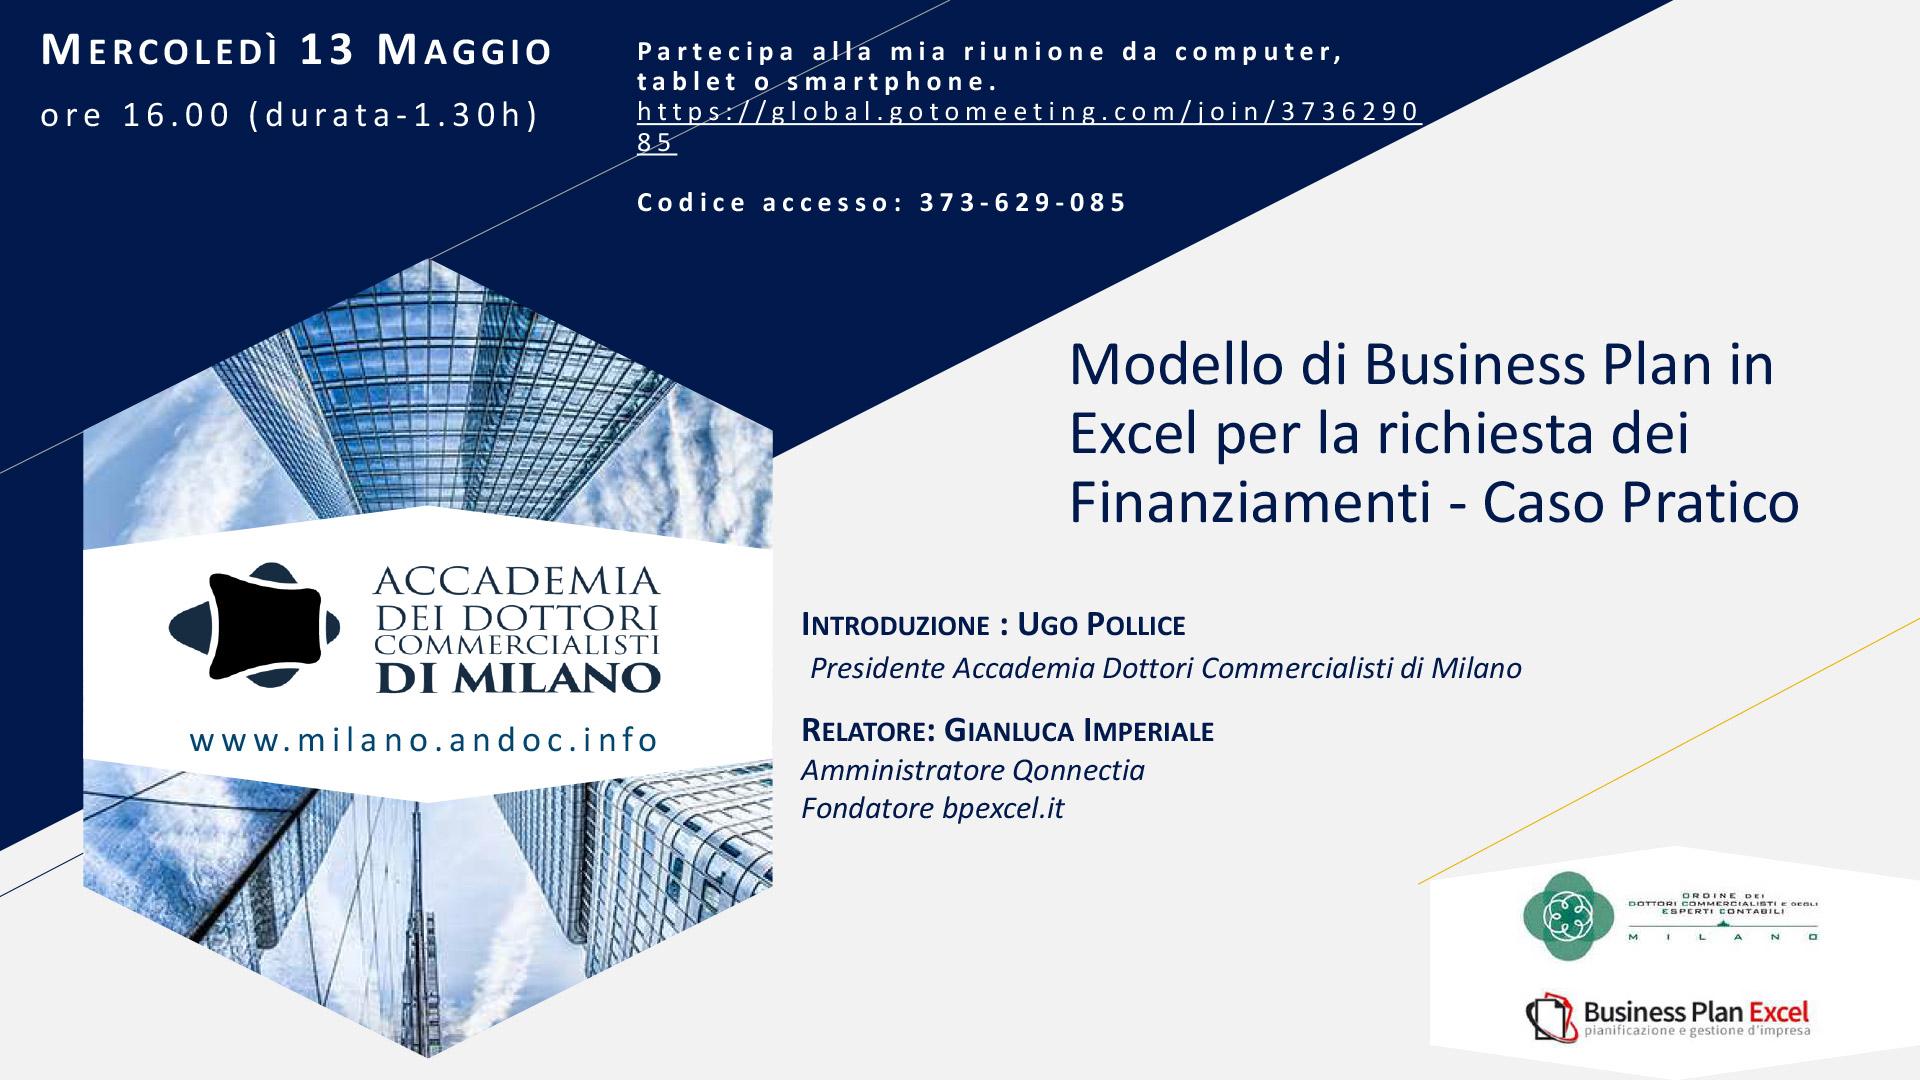 Webinar Modello Business Plan Excel per Richiesta Finanziamenti: Caso Pratico